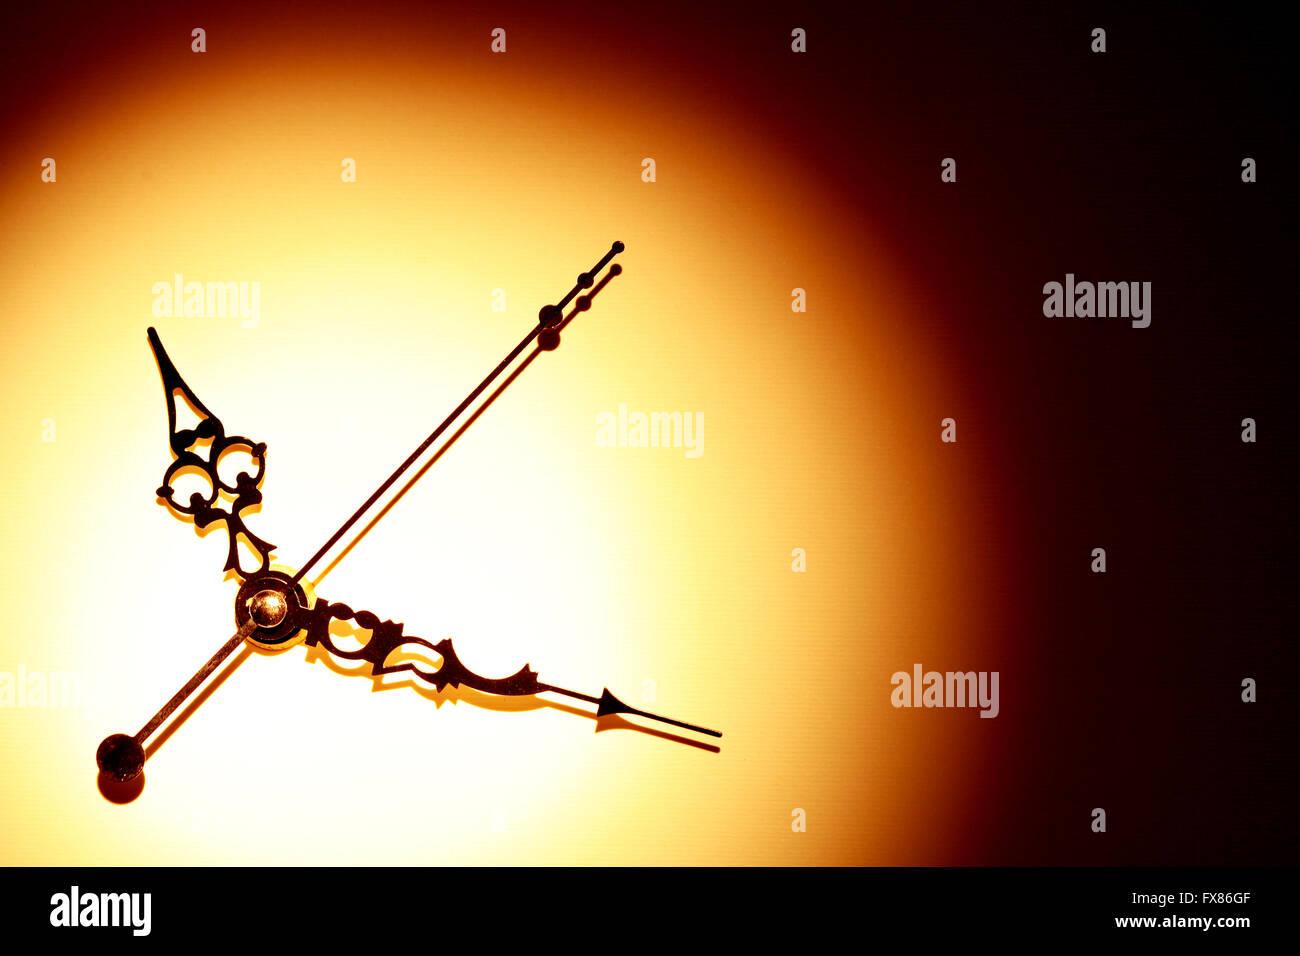 Concetto di tempo. Minuti e secondi le mani con ombra sul bel sfondo della carta Immagini Stock